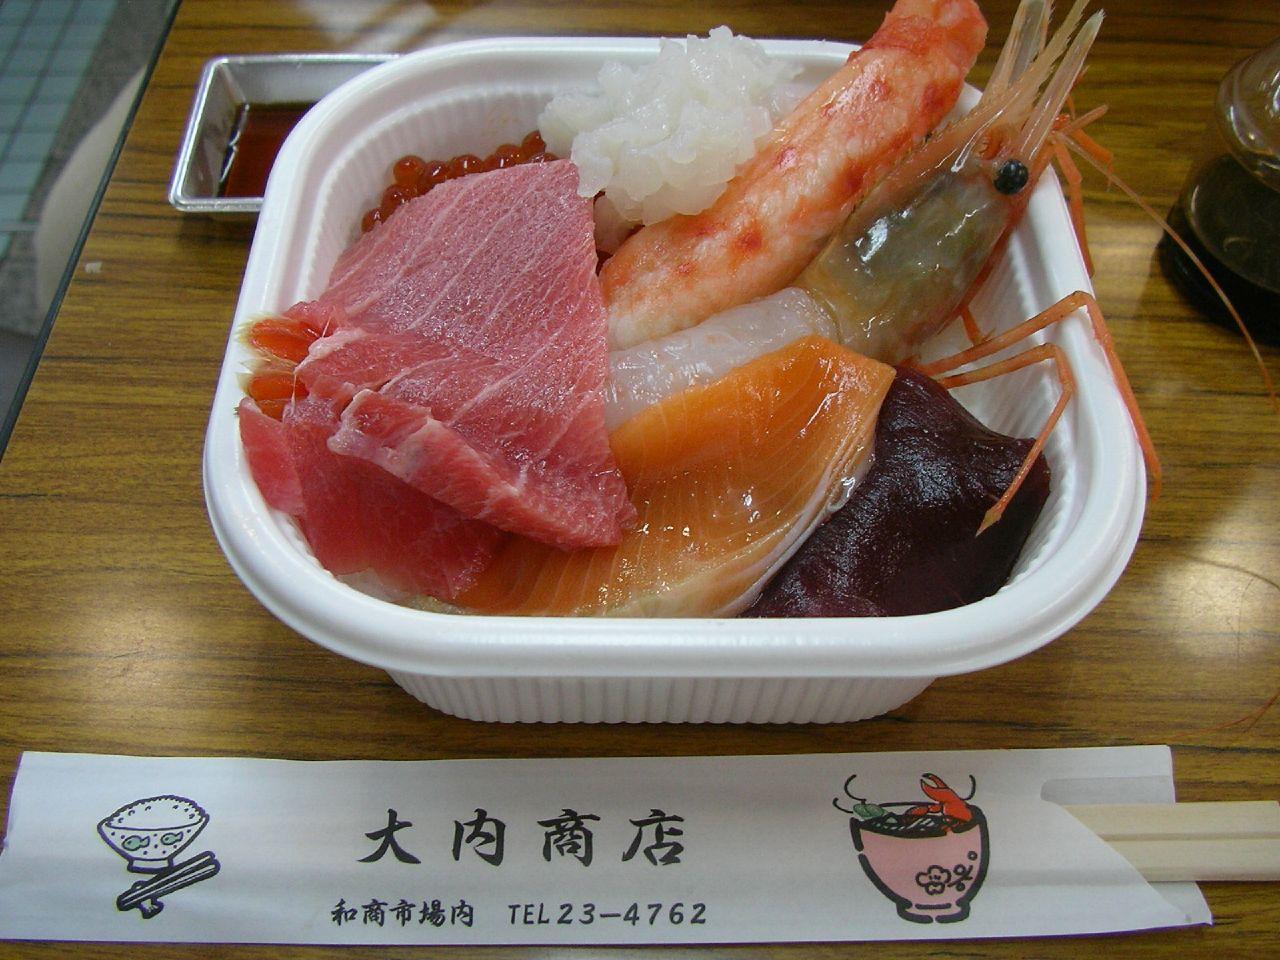 勝手丼は釧路にある和商市場の名物!お好みの海鮮でオリジナル丼を作ろう!